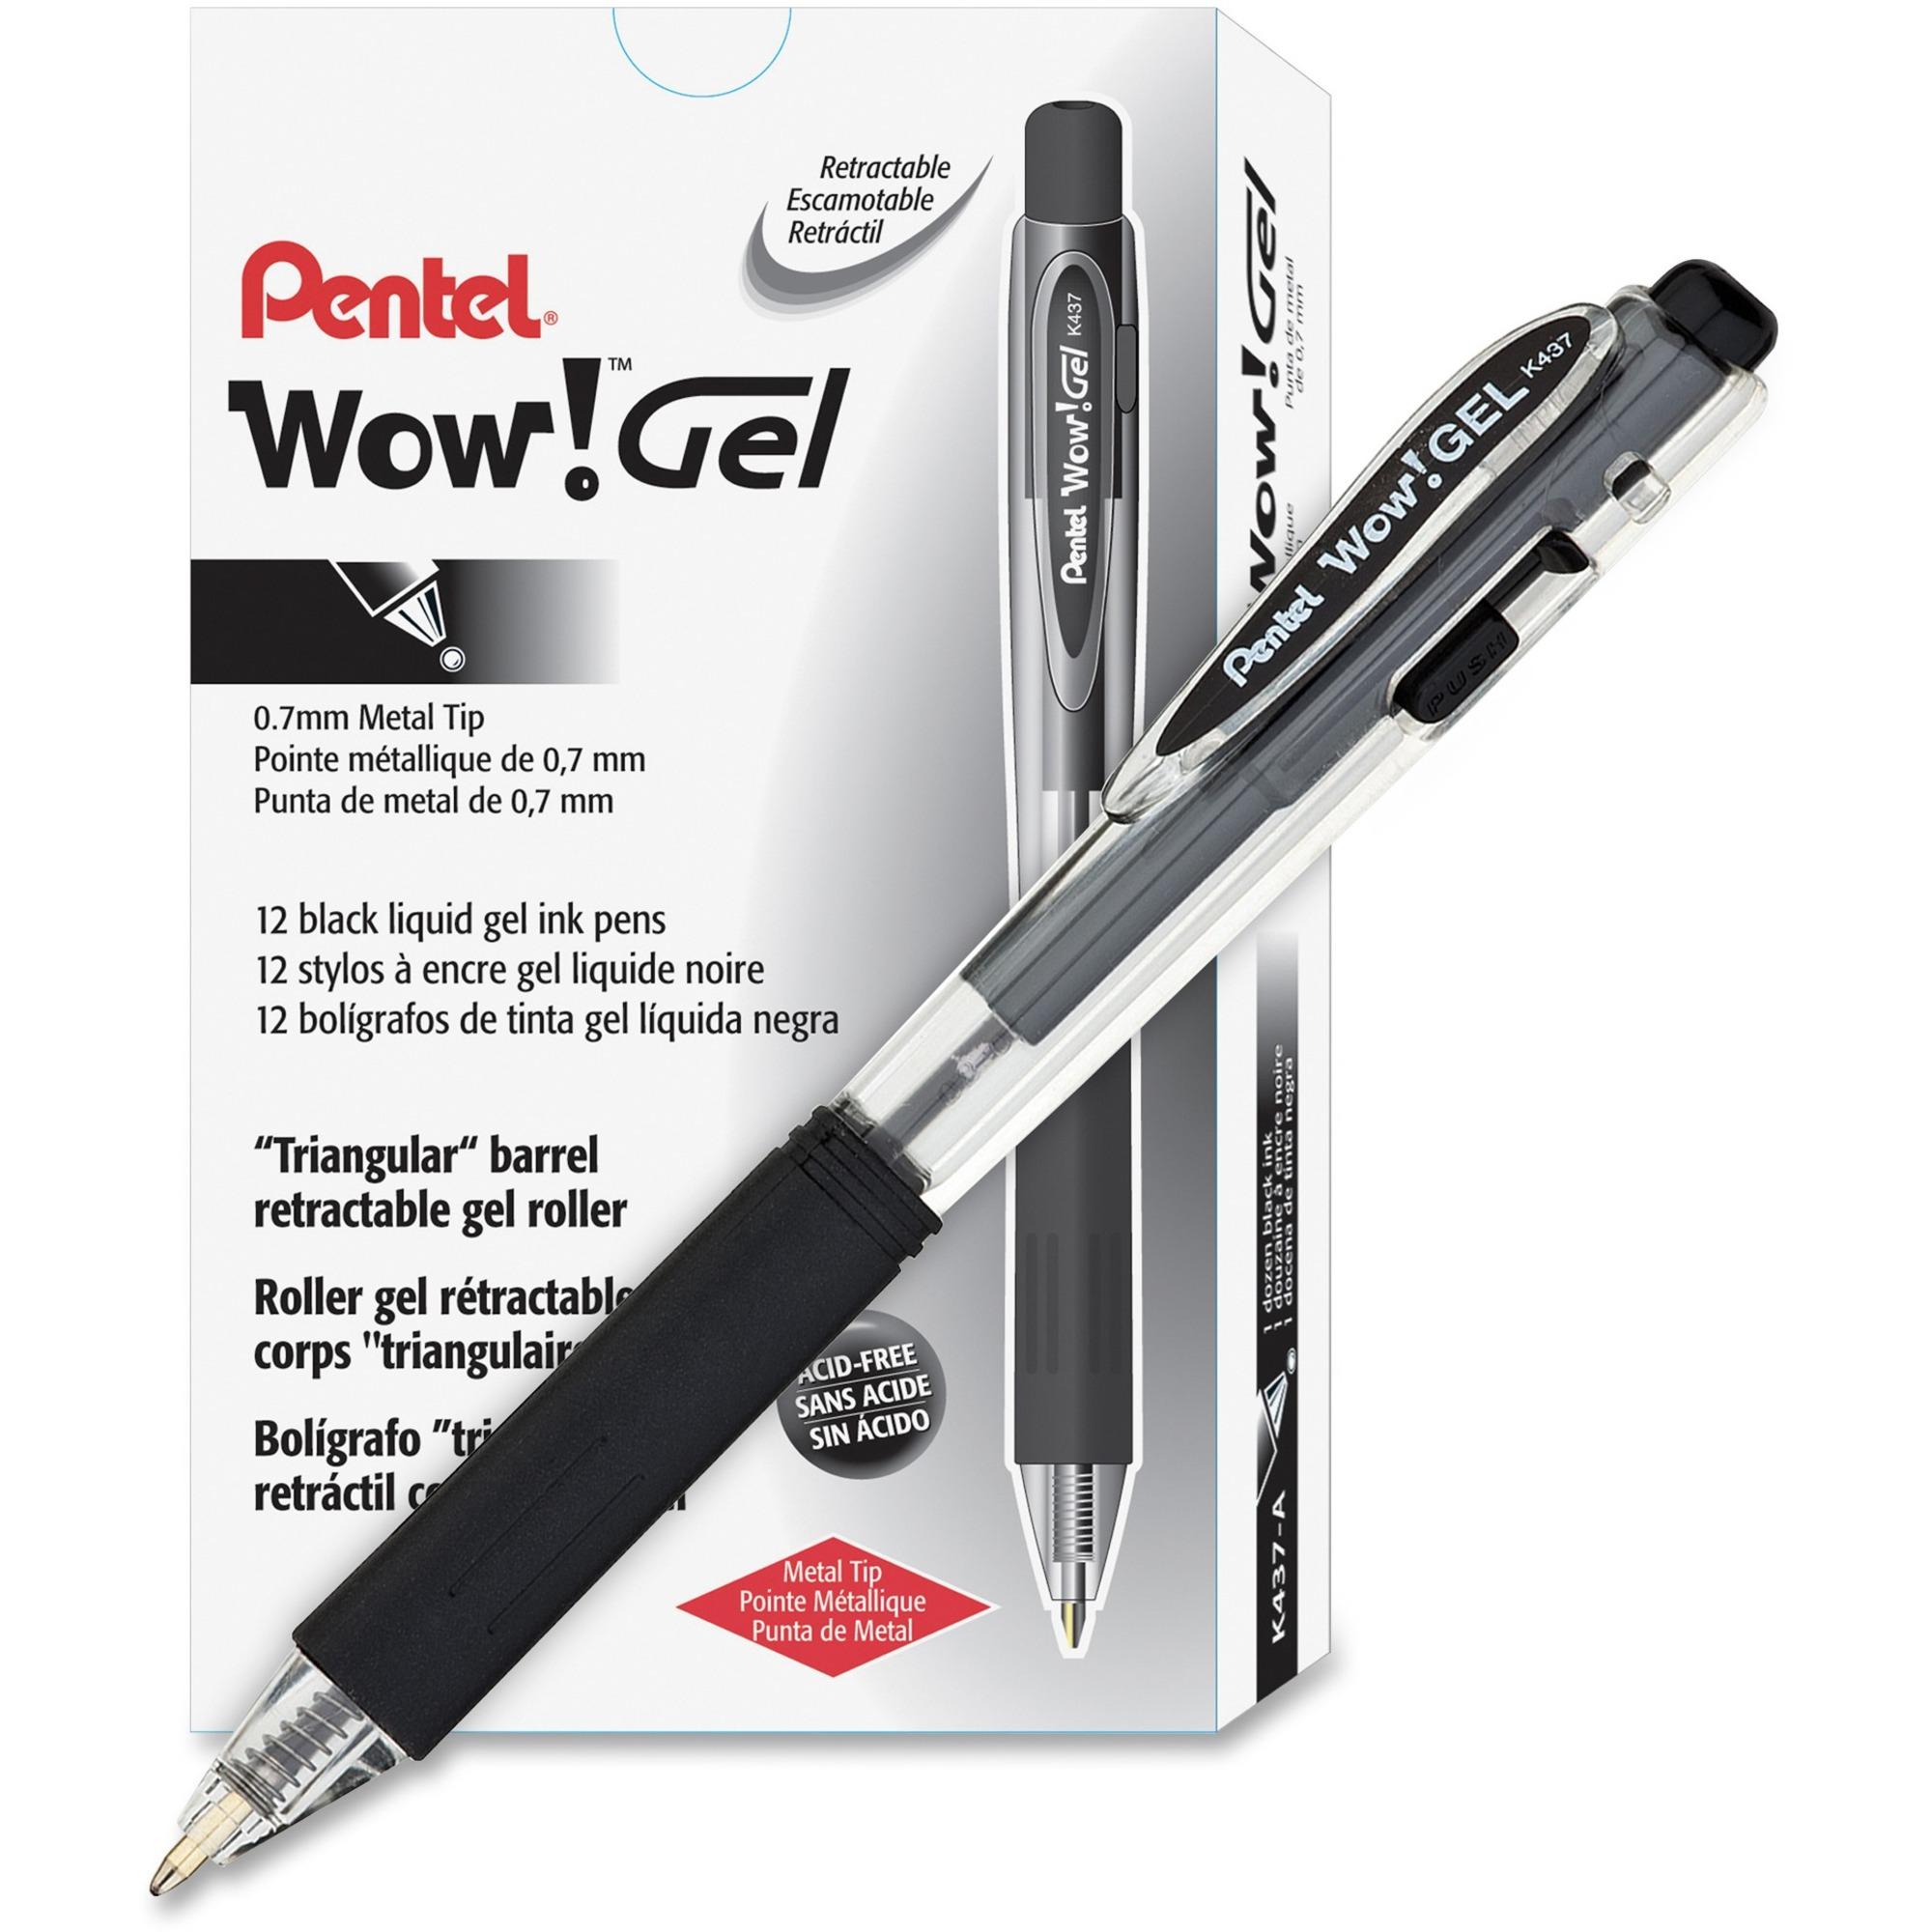 Pentel Wow! Gel Pens